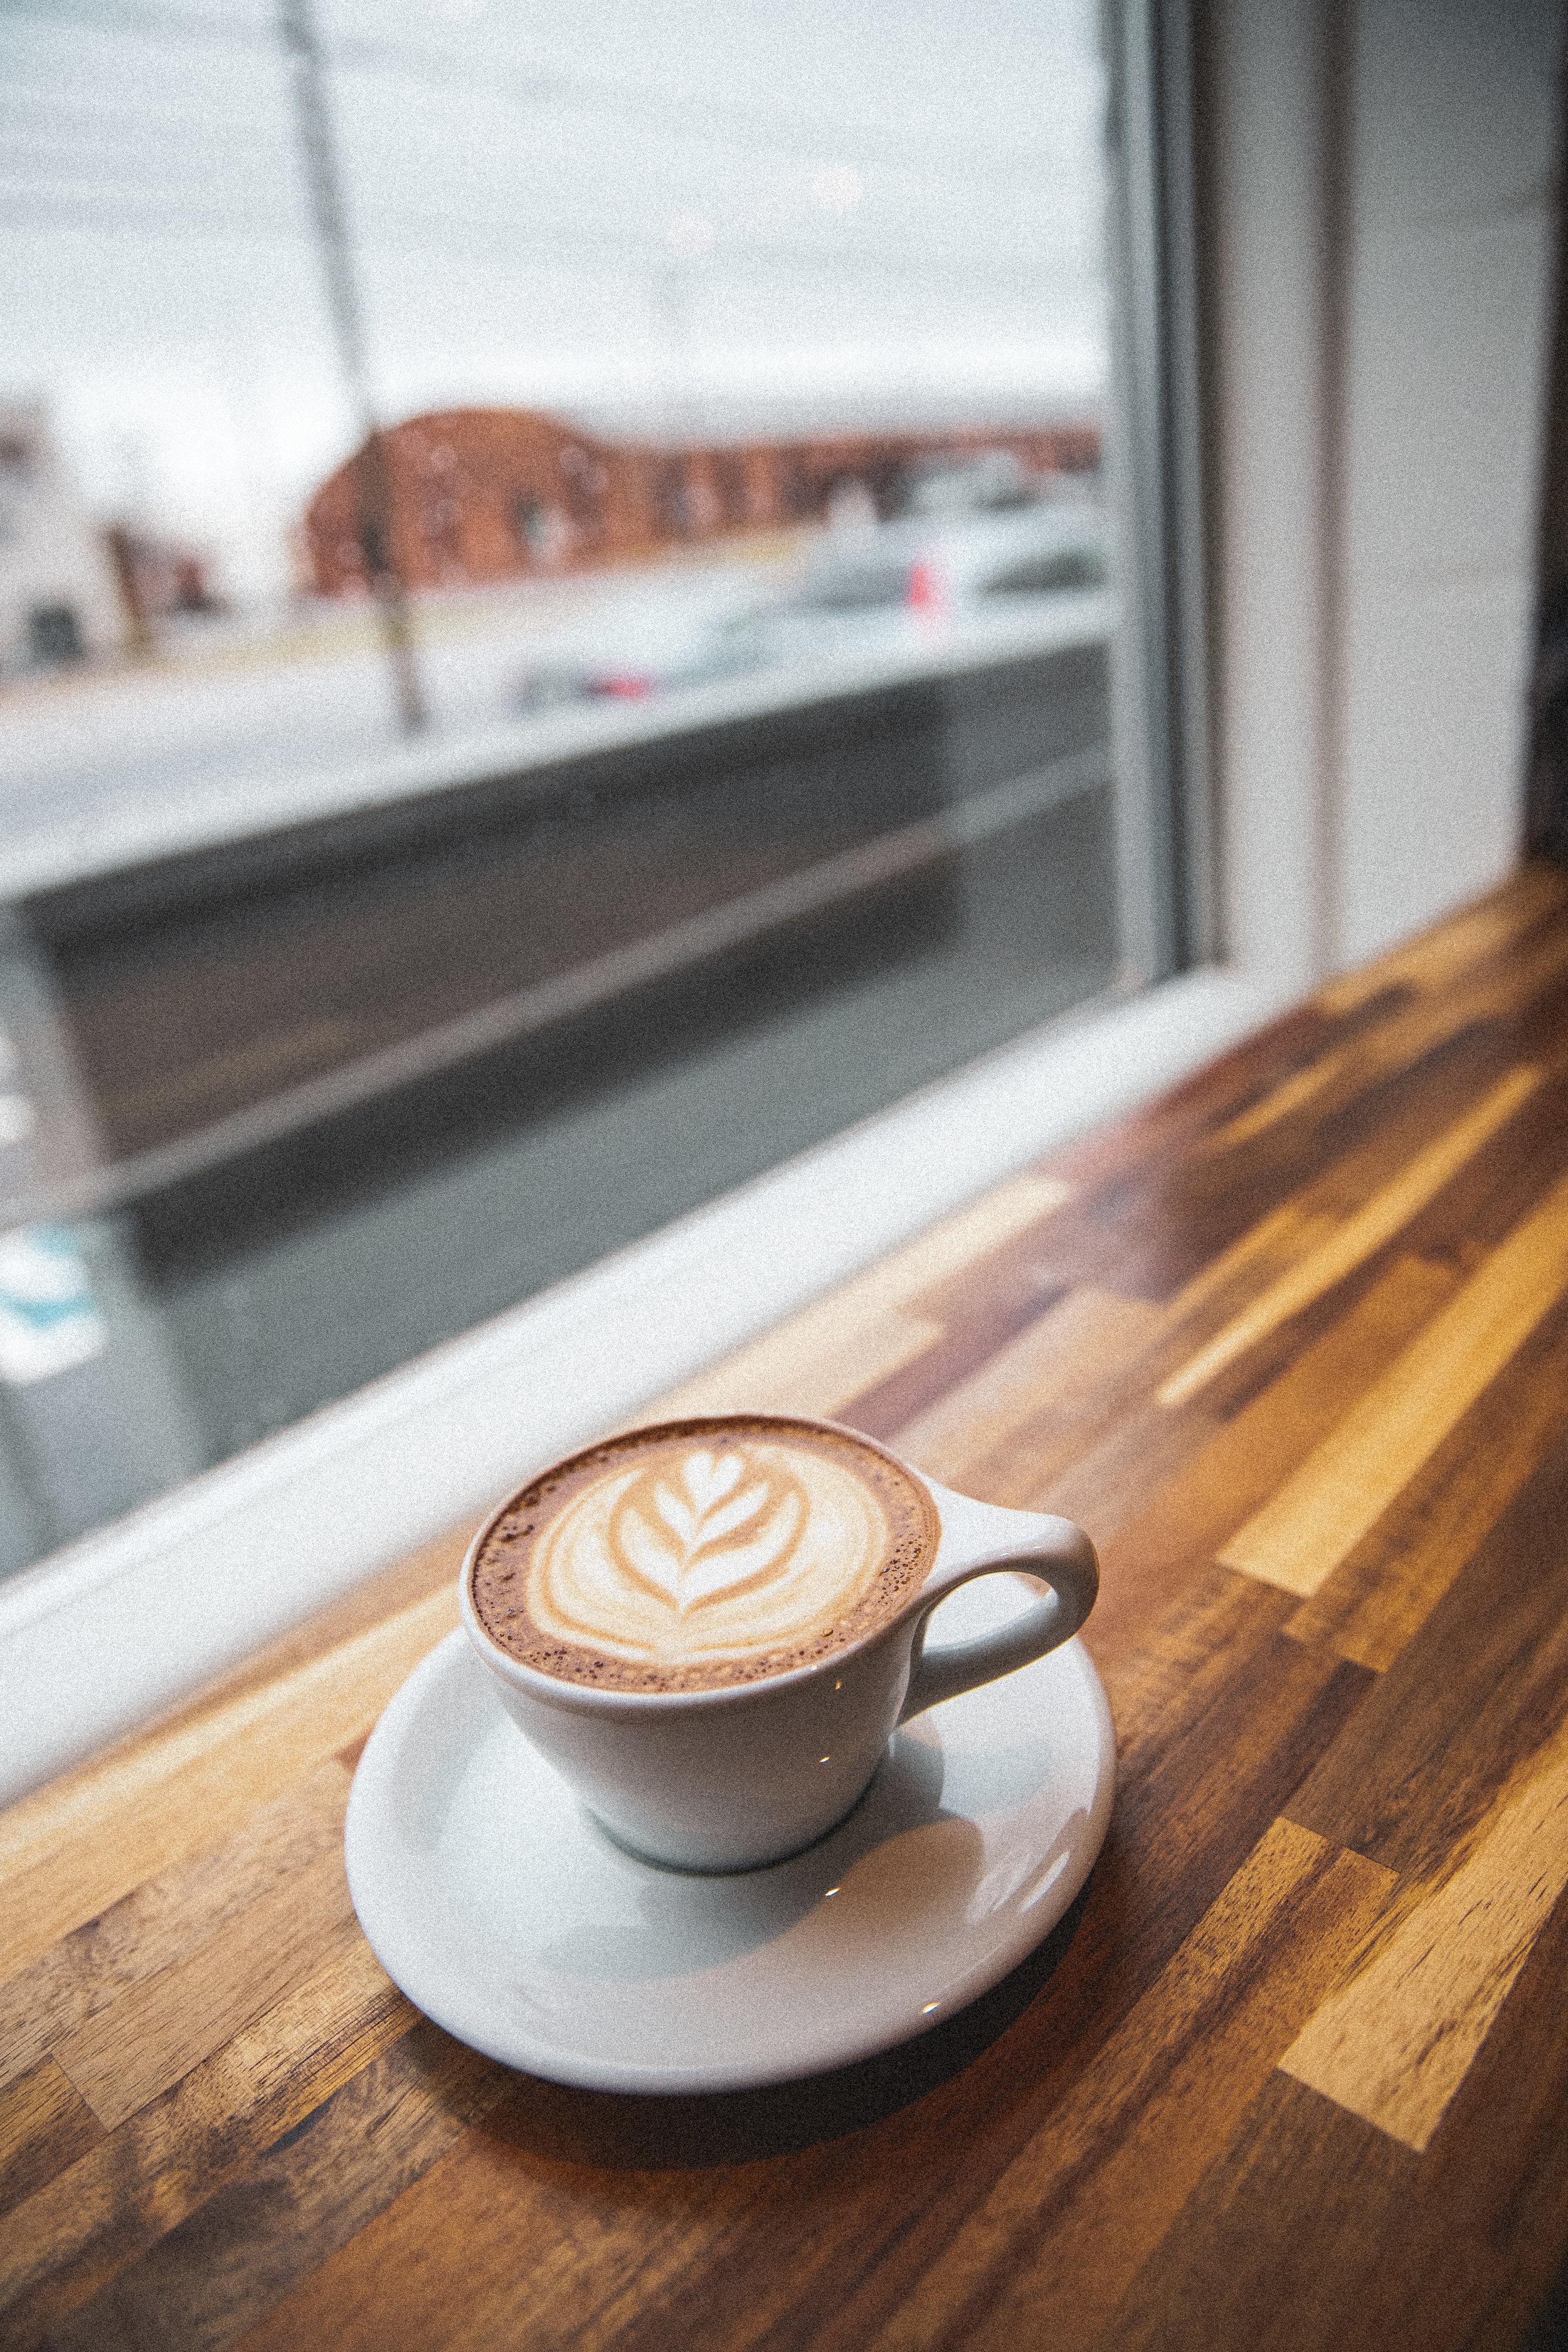 coffeeshop-photography-9I0648.jpg